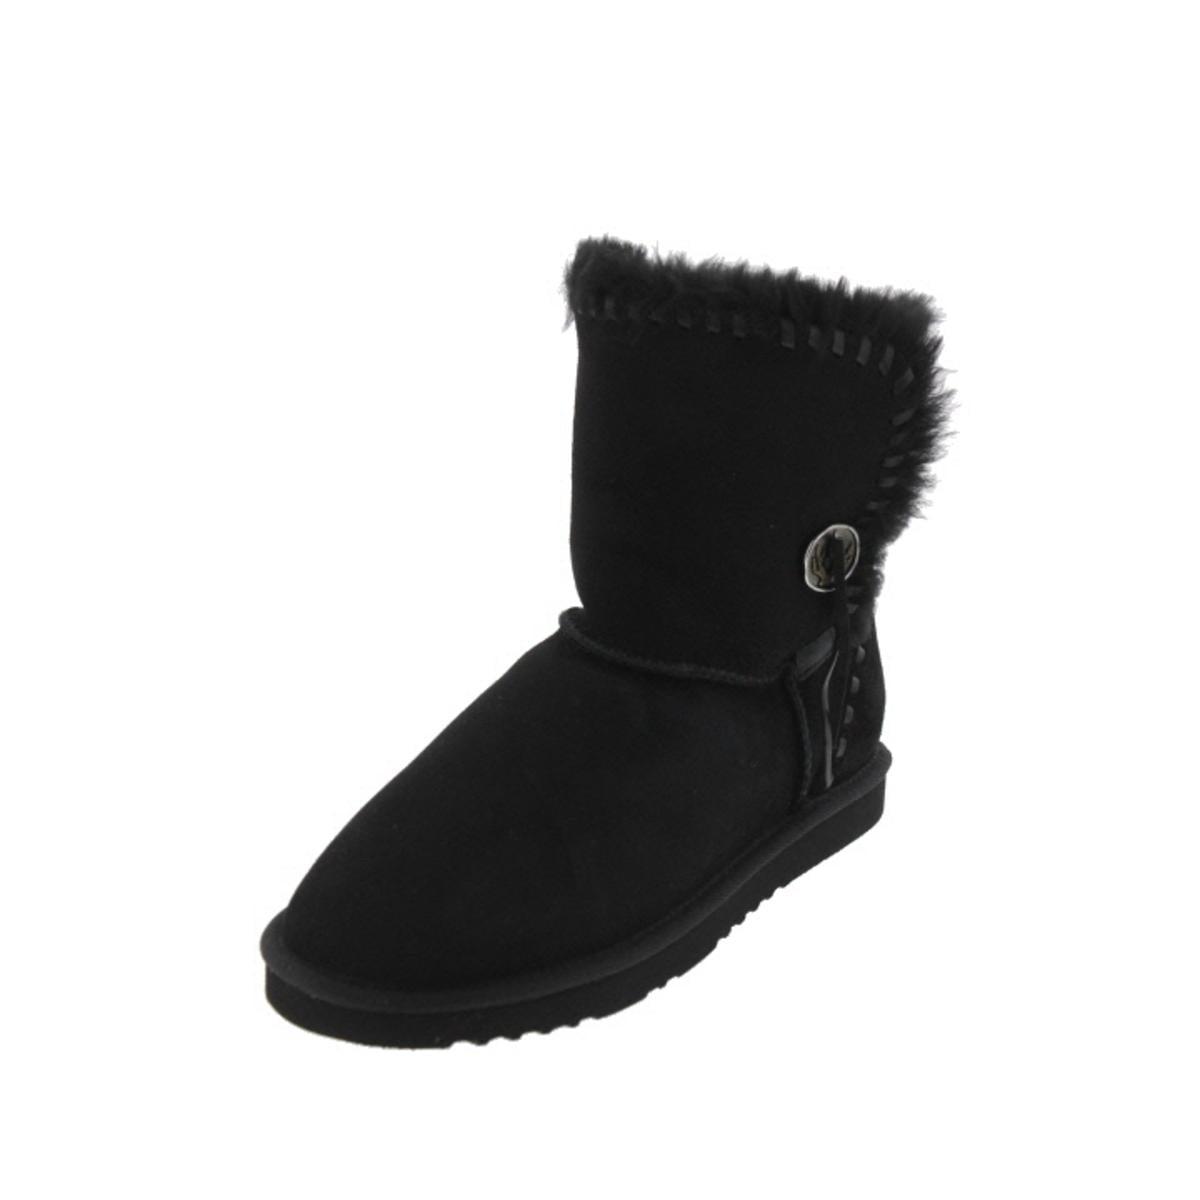 Koolaburra Womens Trishka Short Leather Sheepskin Lined Mid-Calf Boots by Koolaburra